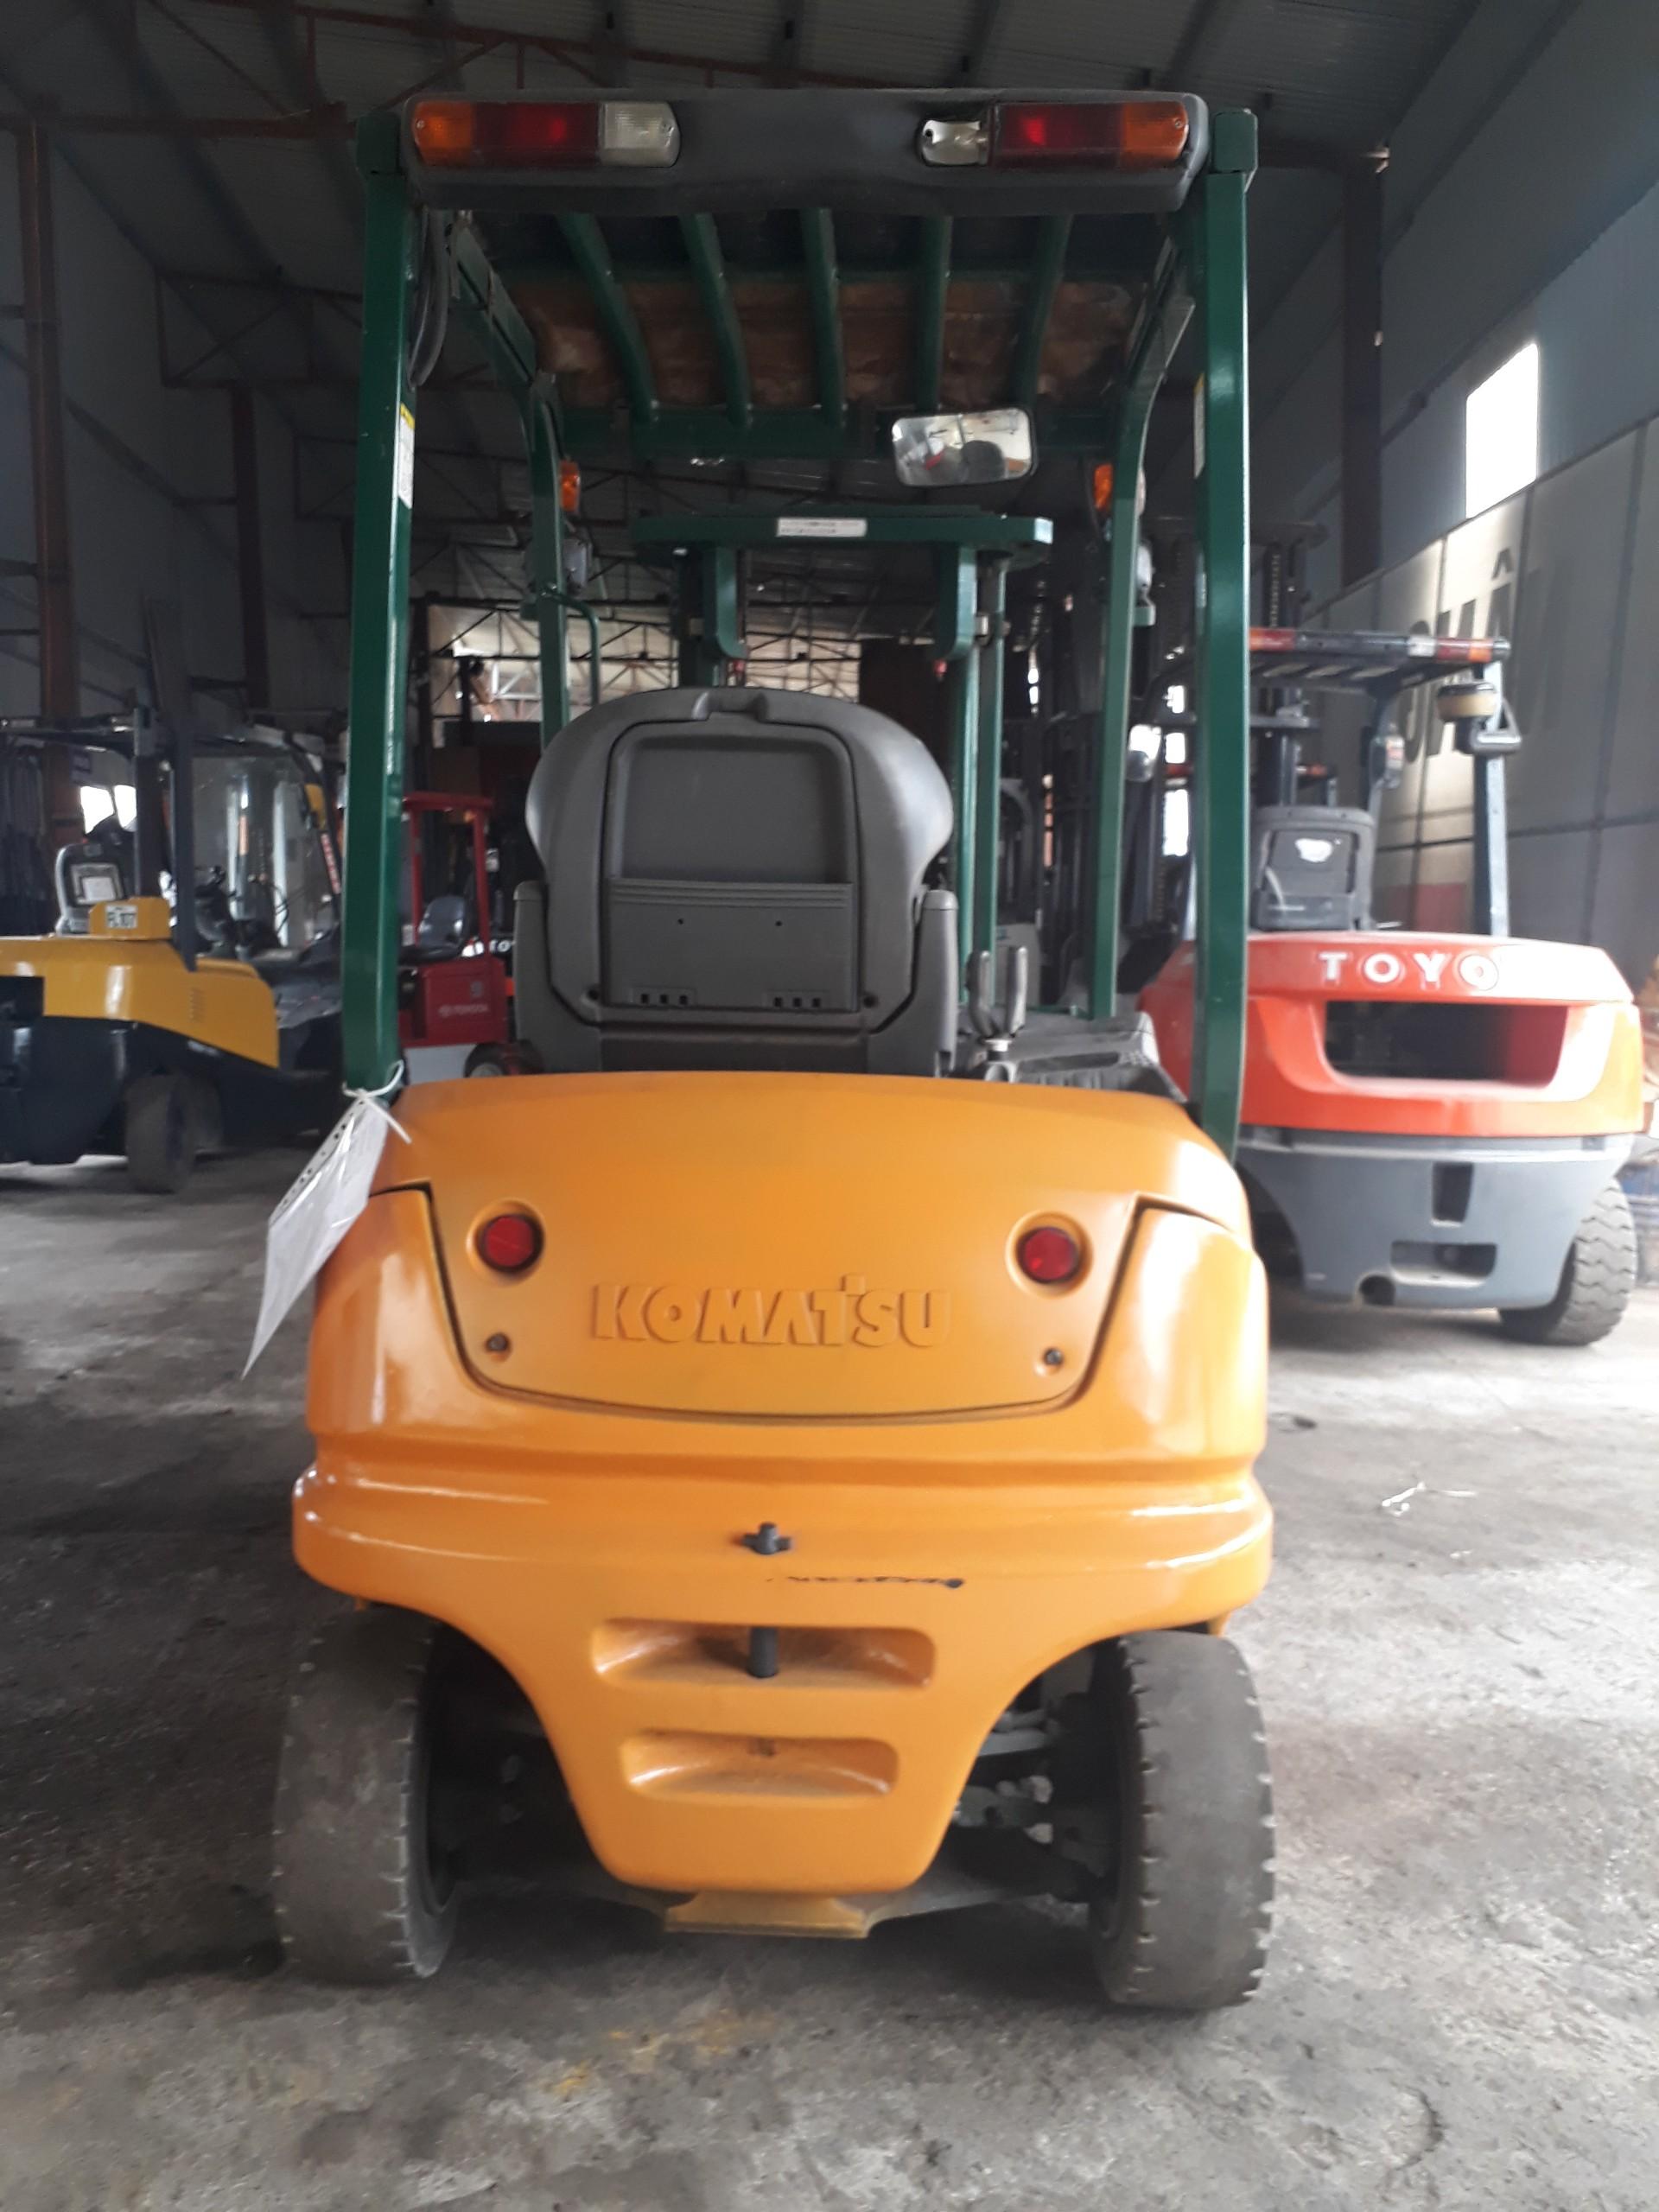 Xe nâng điện ngồi lái Komatsu FB15-12, 1.5 tấn, sx 2007